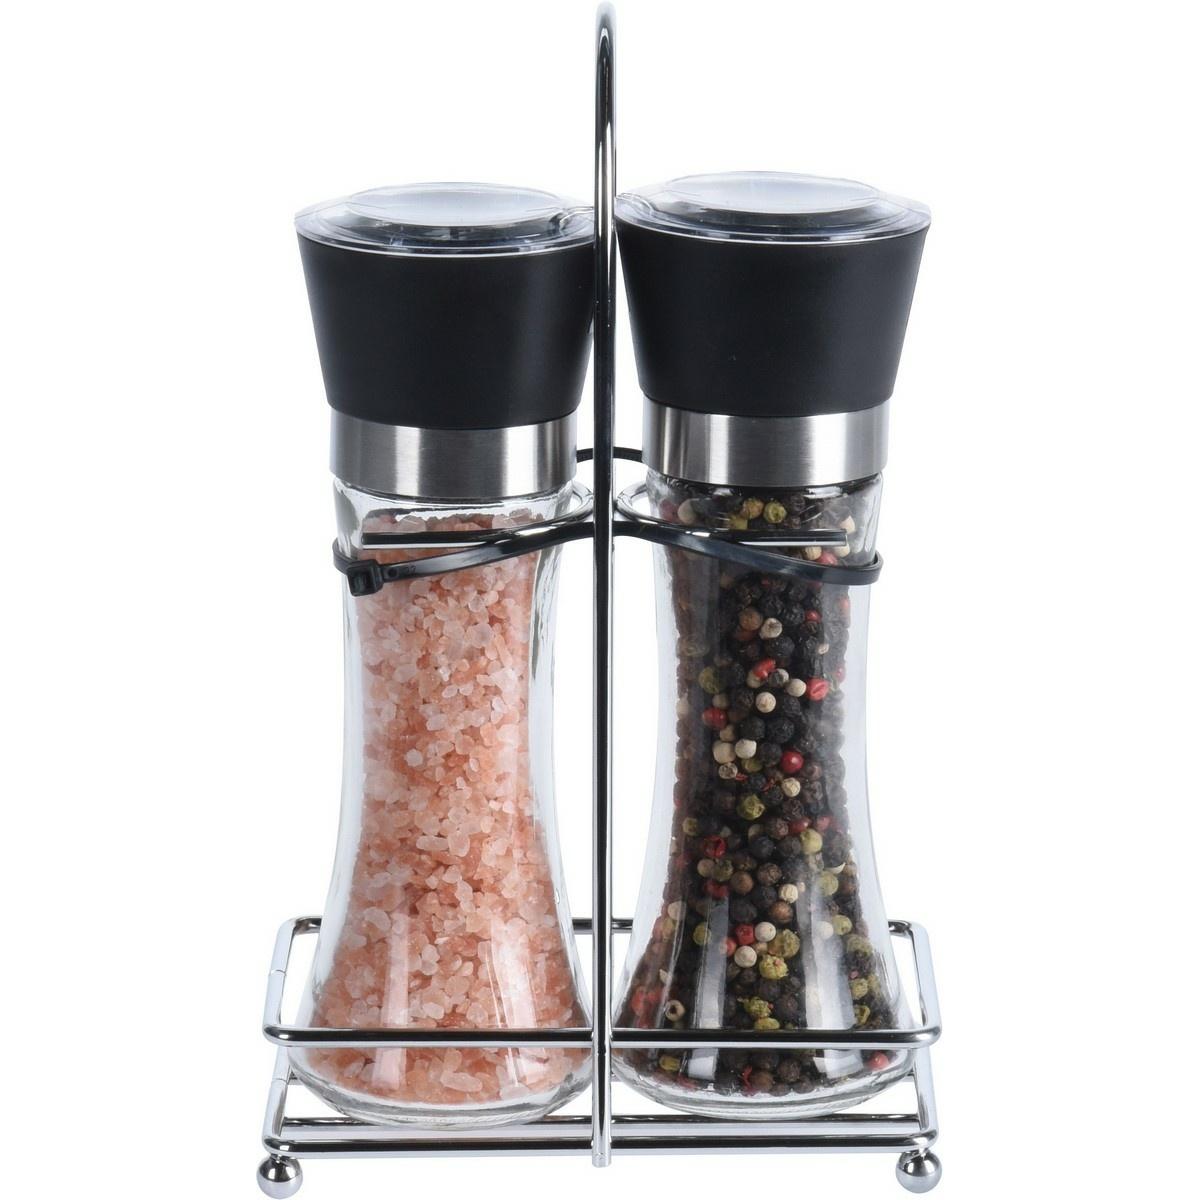 Koopman Sada mlýnku na sůl a koření ve stojánku